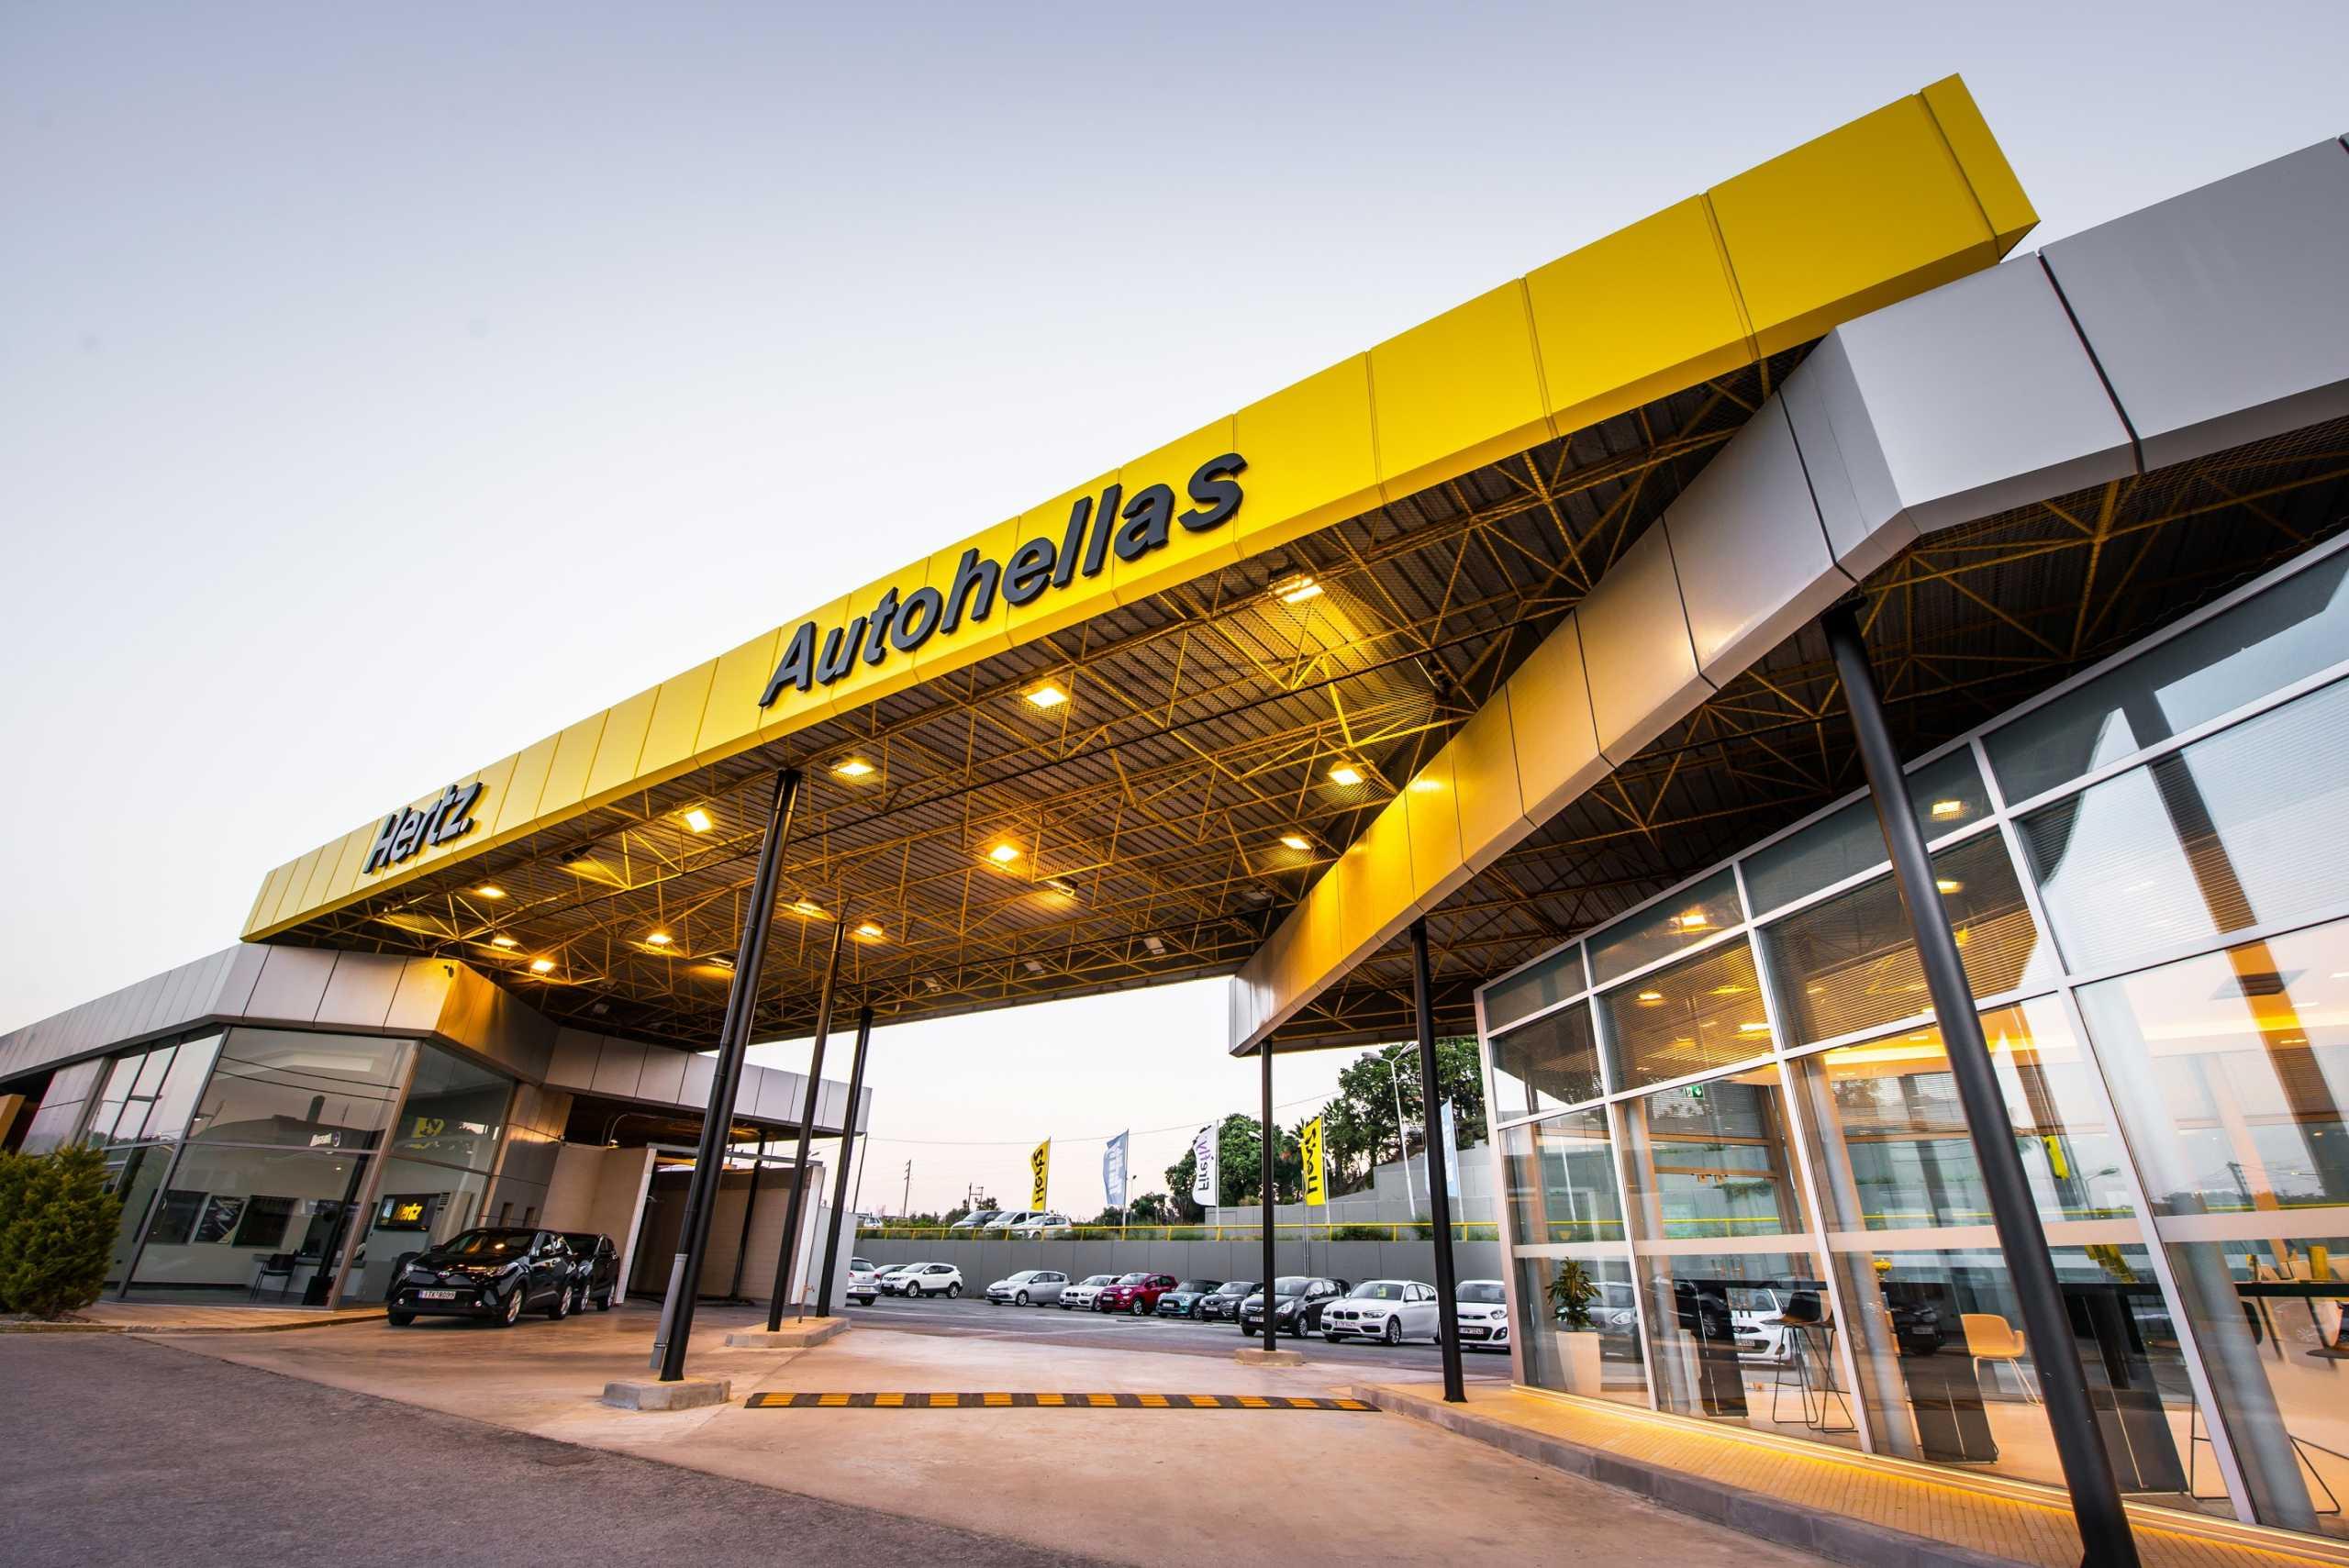 Αutohellas:  Χρηματοδότηση 180 εκατ. ευρώ από την JP Morgan – Ποιοι είναι οι όροι συνεργασίας